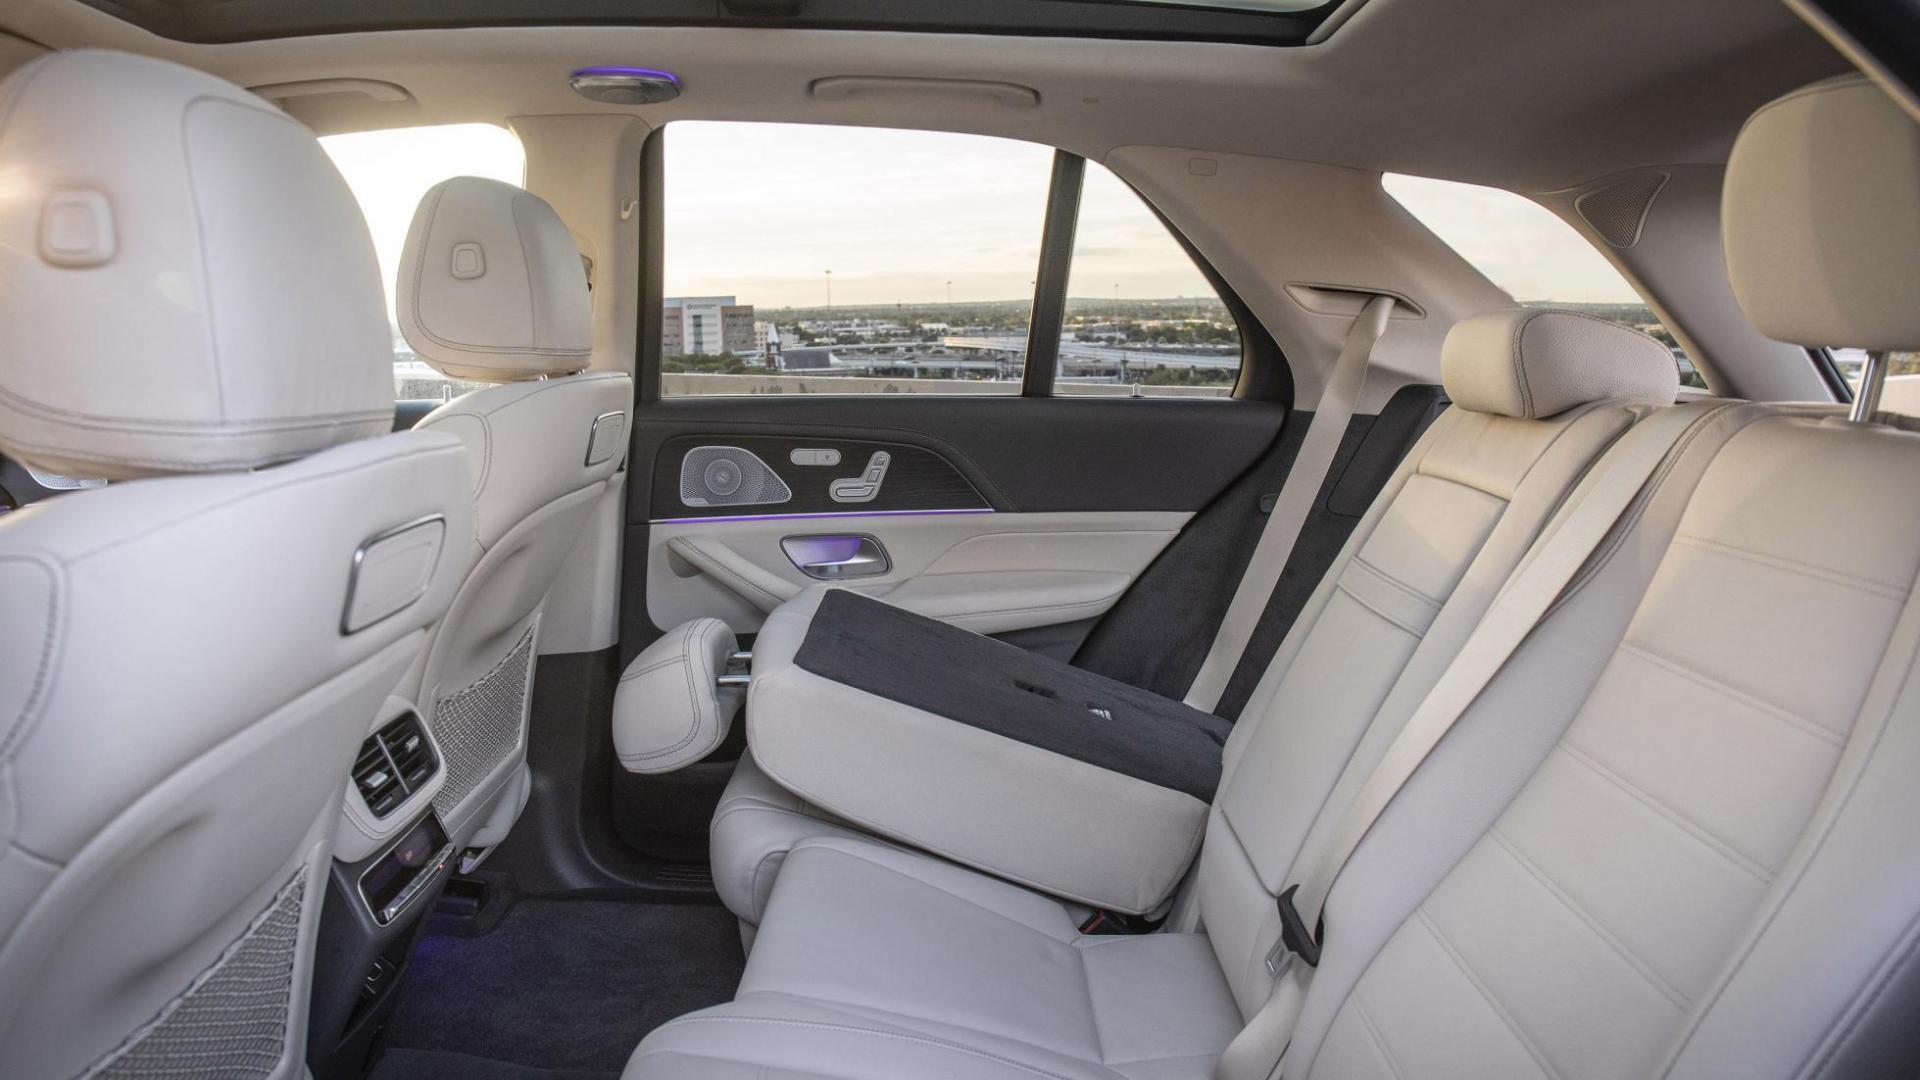 Mercedes-Benz GLE stoelen